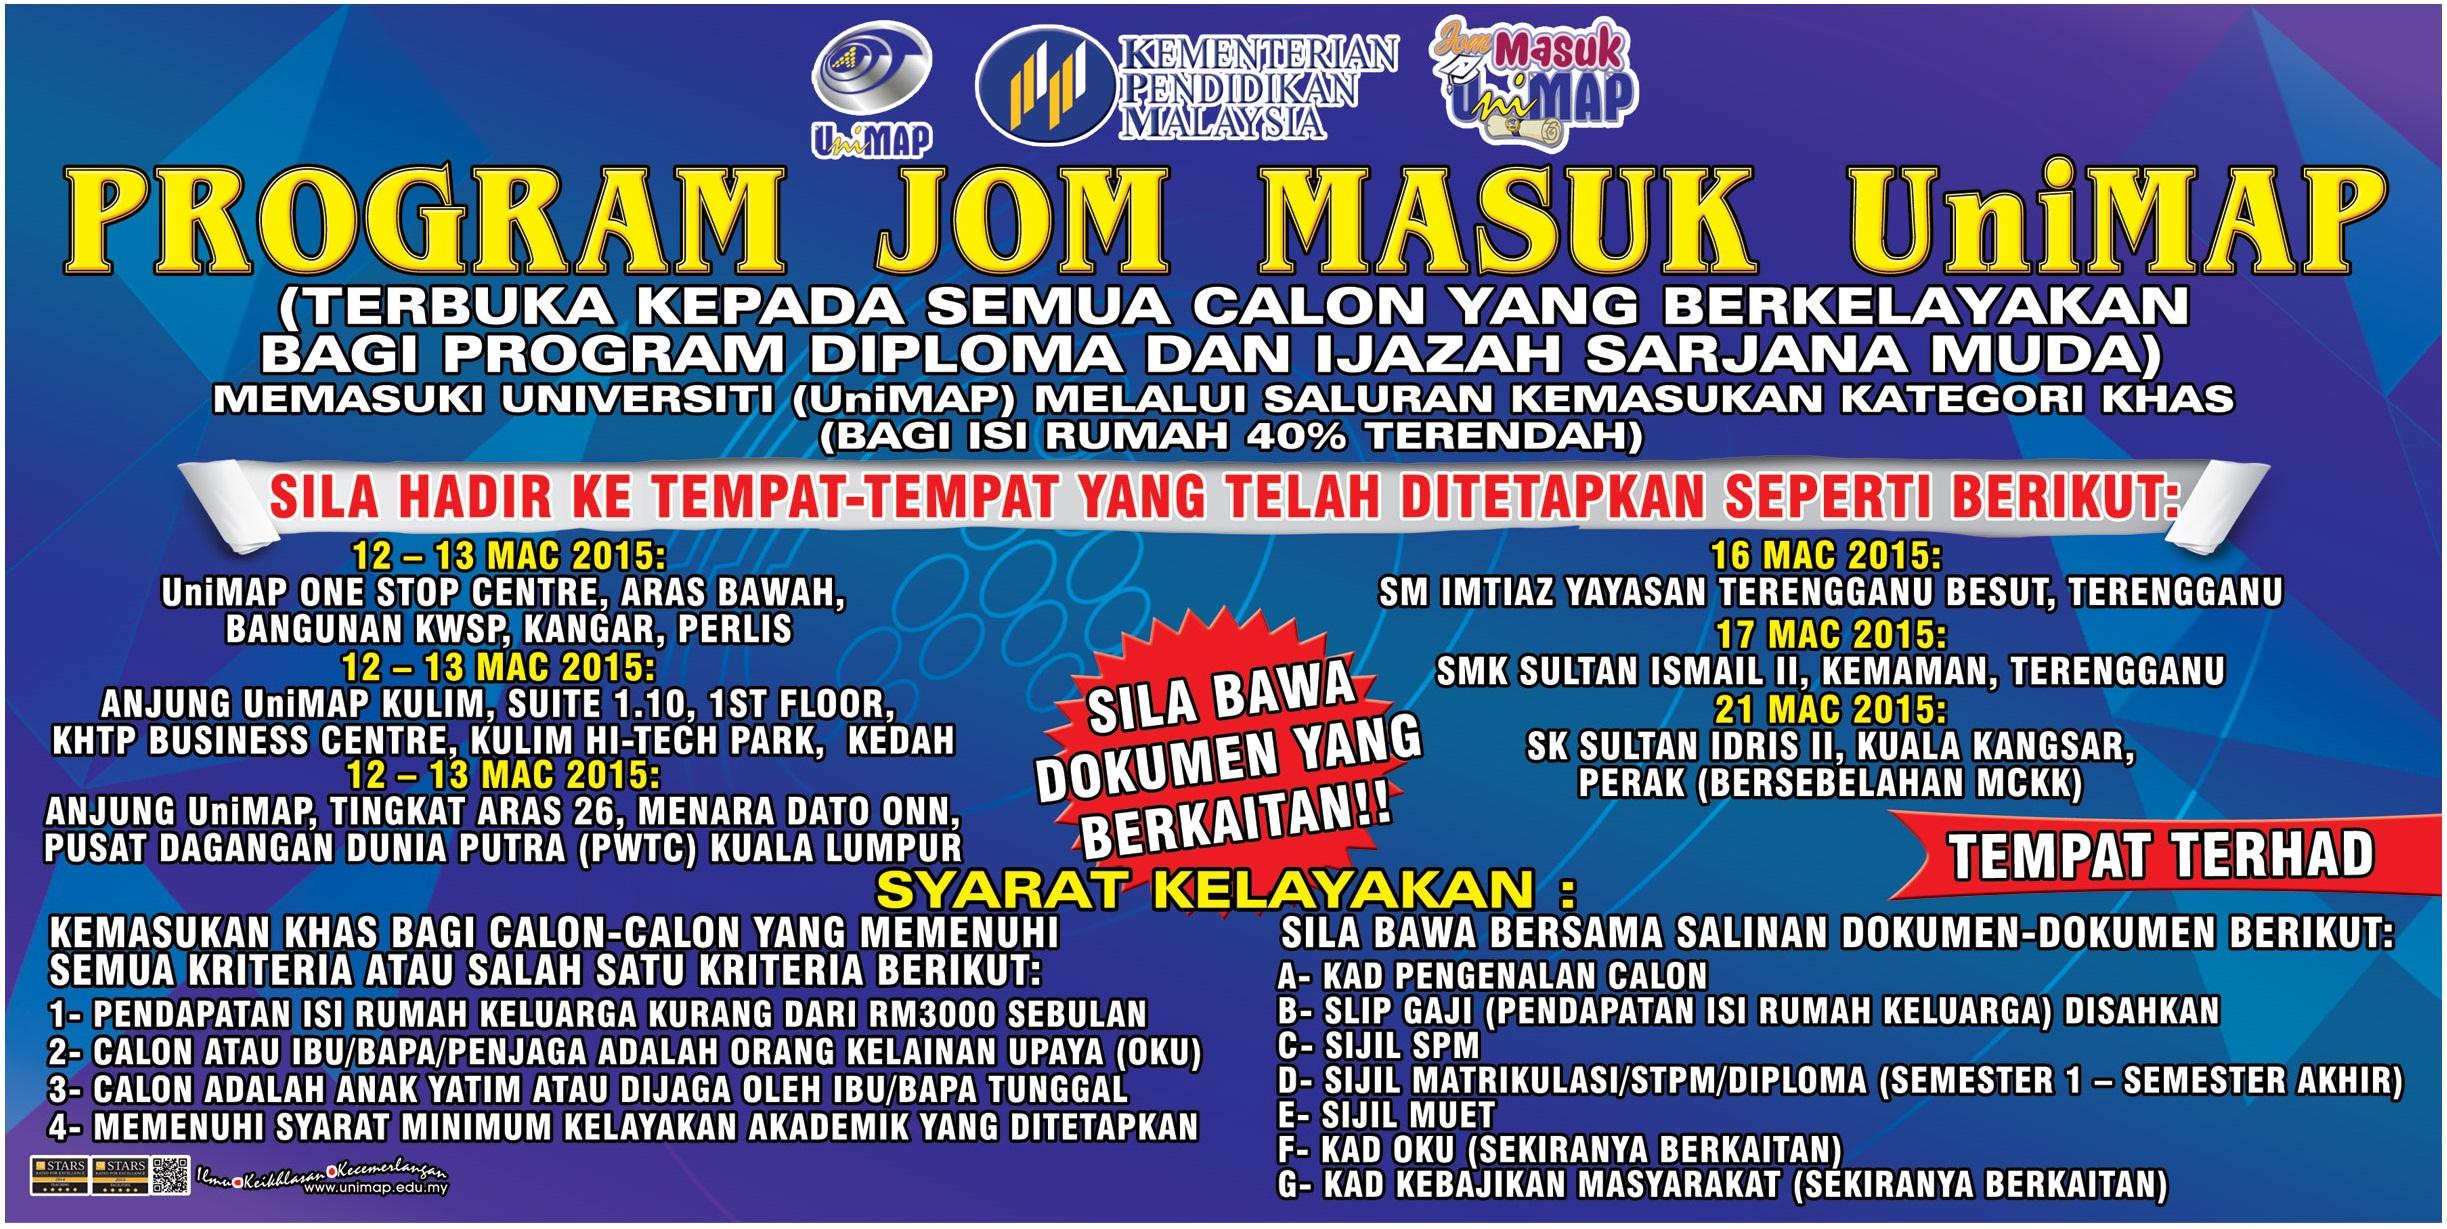 Jom Masuk UniMAP 2015